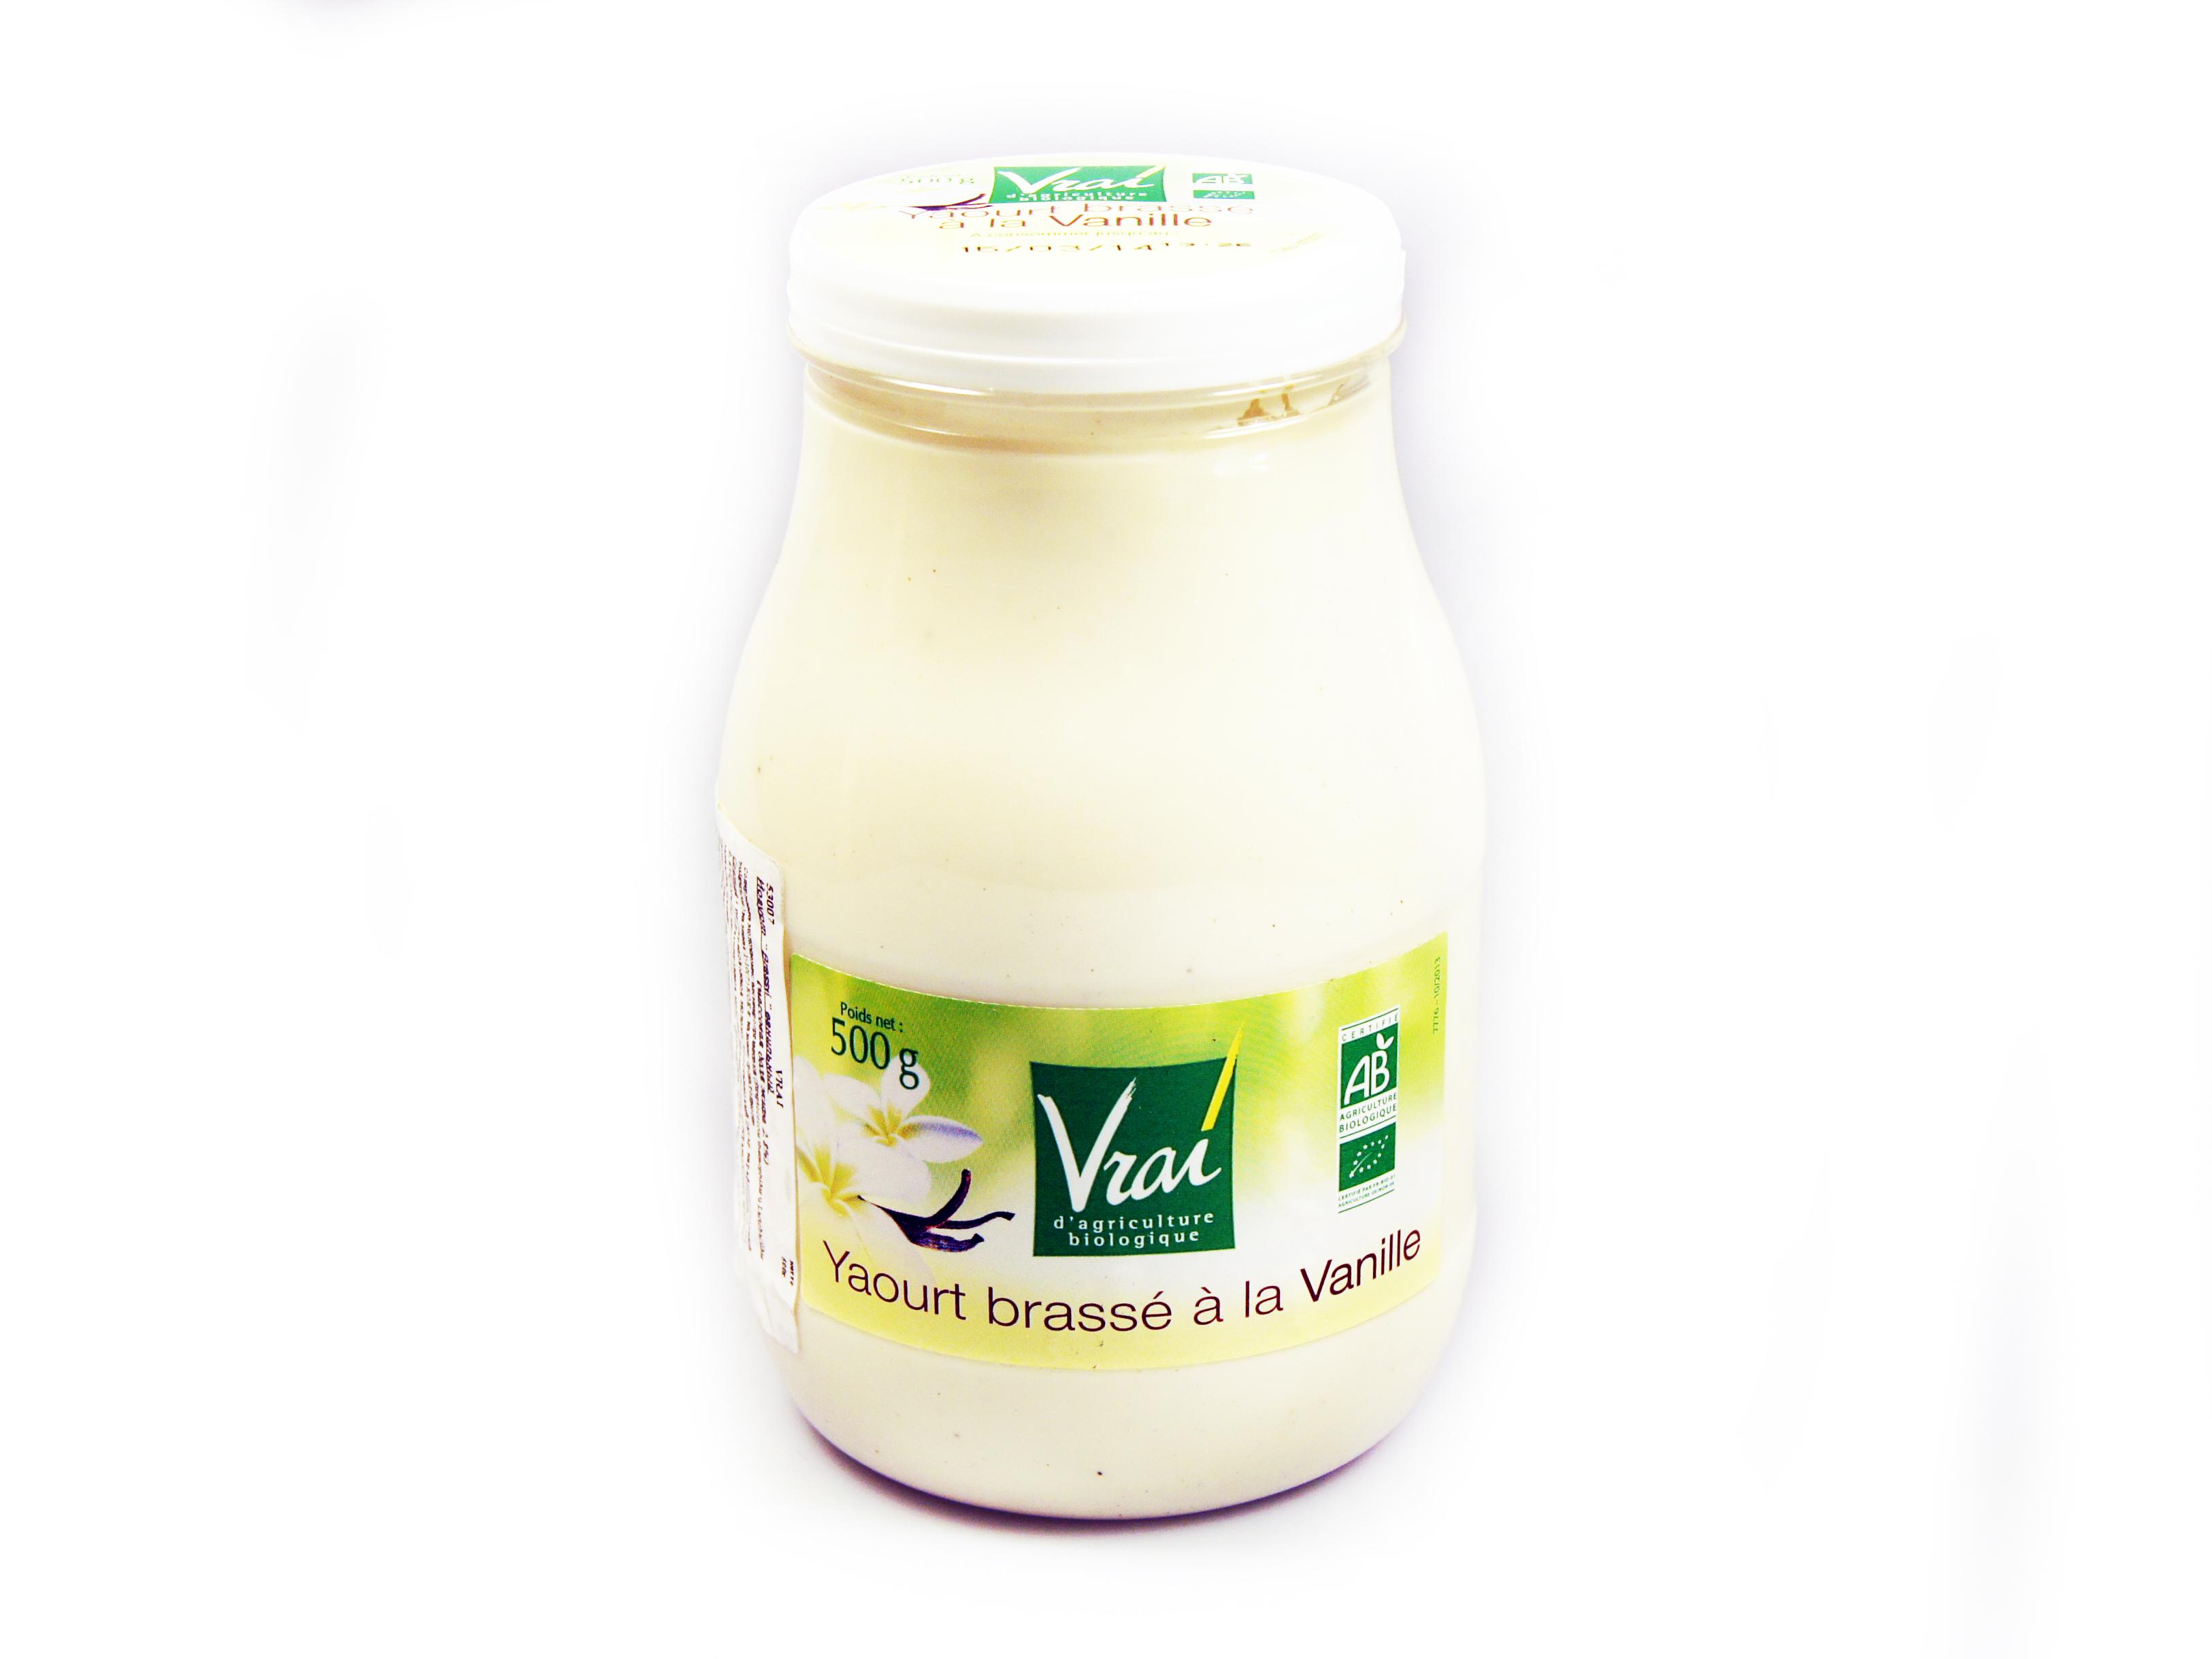 Vrai yogurt 500ml